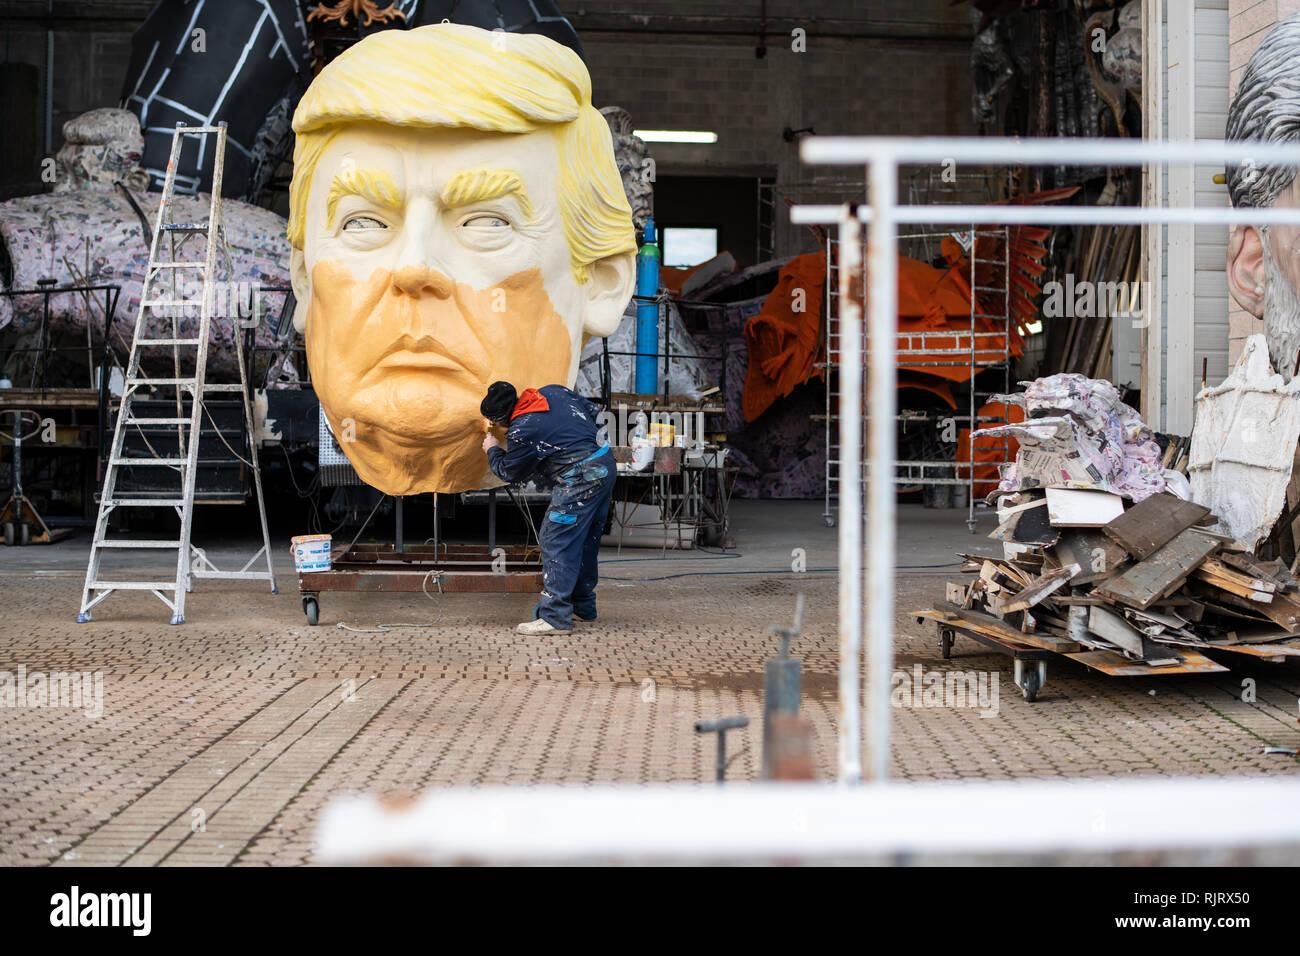 Viareggio, Italie. 07Th Feb 2019. Les flotteurs géant du carnaval de Viareggio dans aperçu pendant les dernières phases de construction. Il y a aussi Donald Trump et Frida Kahlo. Crédit: Stefano Dalle Luche/Alamy Live News Photo Stock